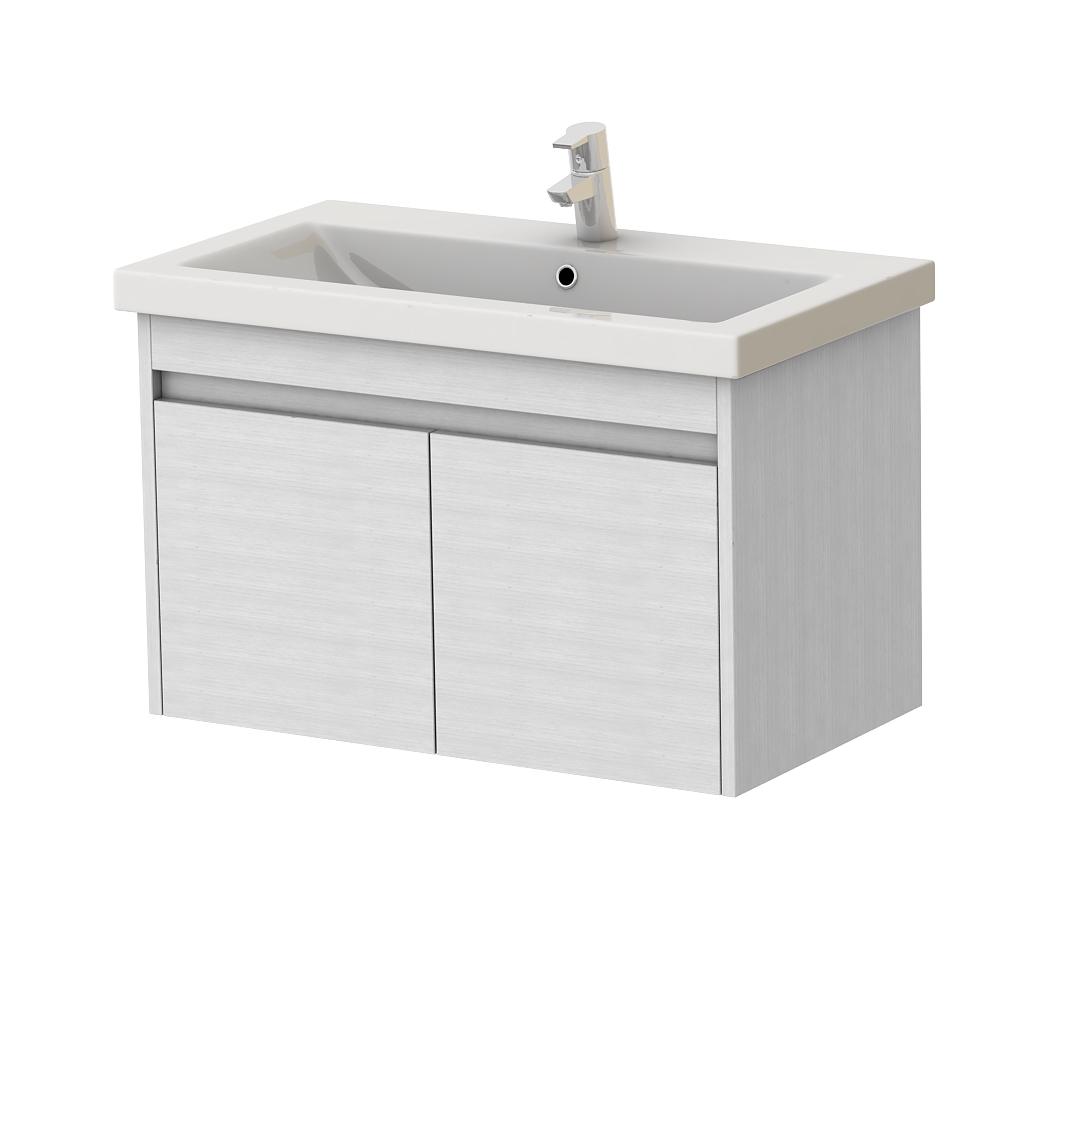 Koupelnová skříňka na stěnu s umyvadlem - Juventa - Ravenna - Rv-80 (bílá)